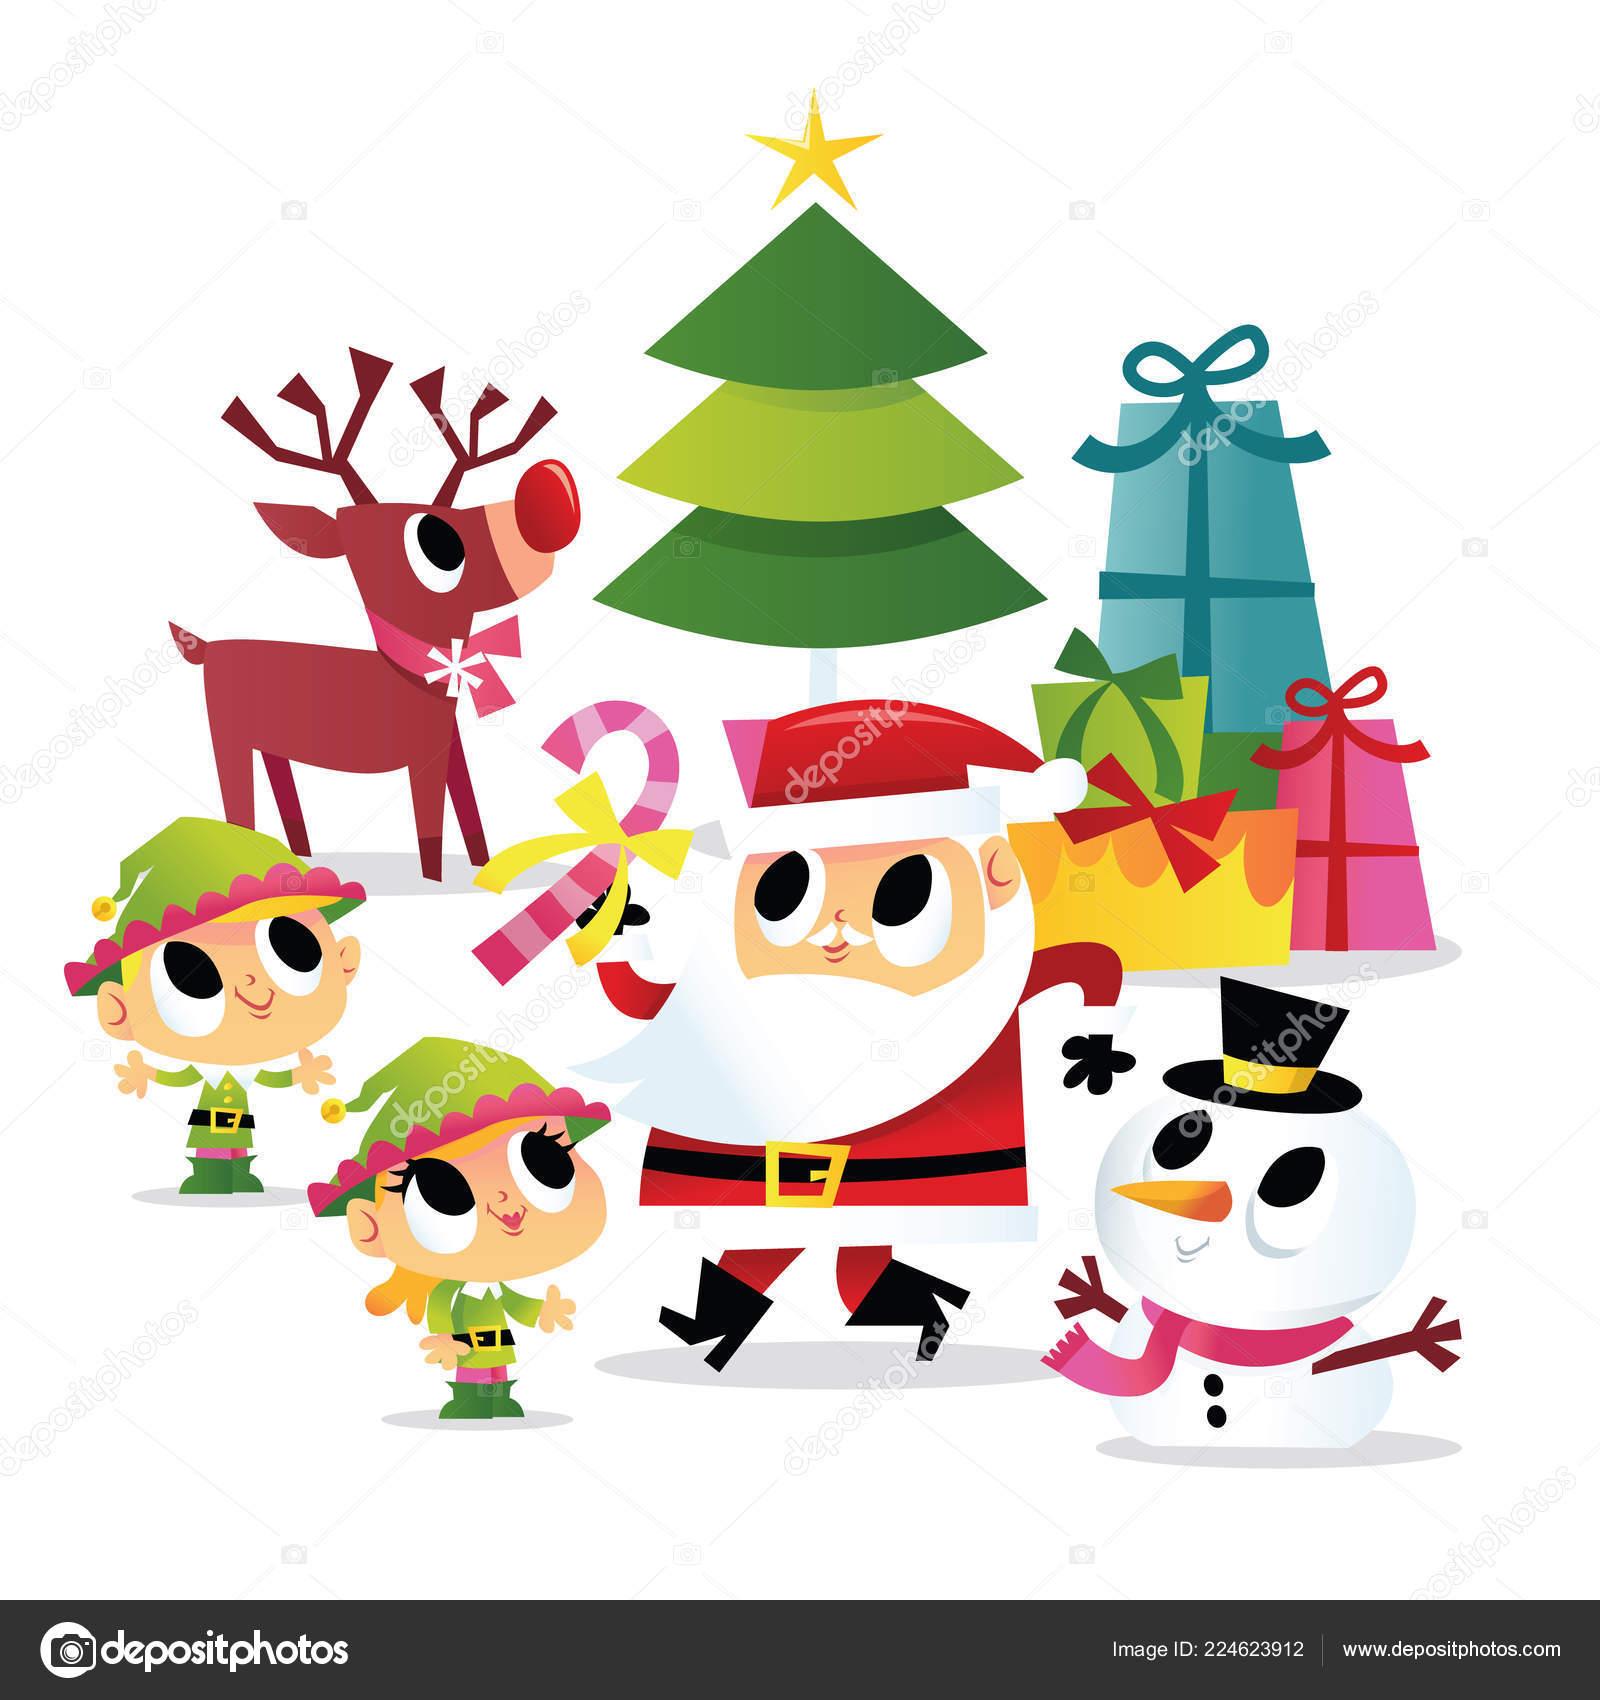 Weihnachtsfeier Cartoon.Eine Cartoon Vektor Illustration Von Super Süße Cartoon